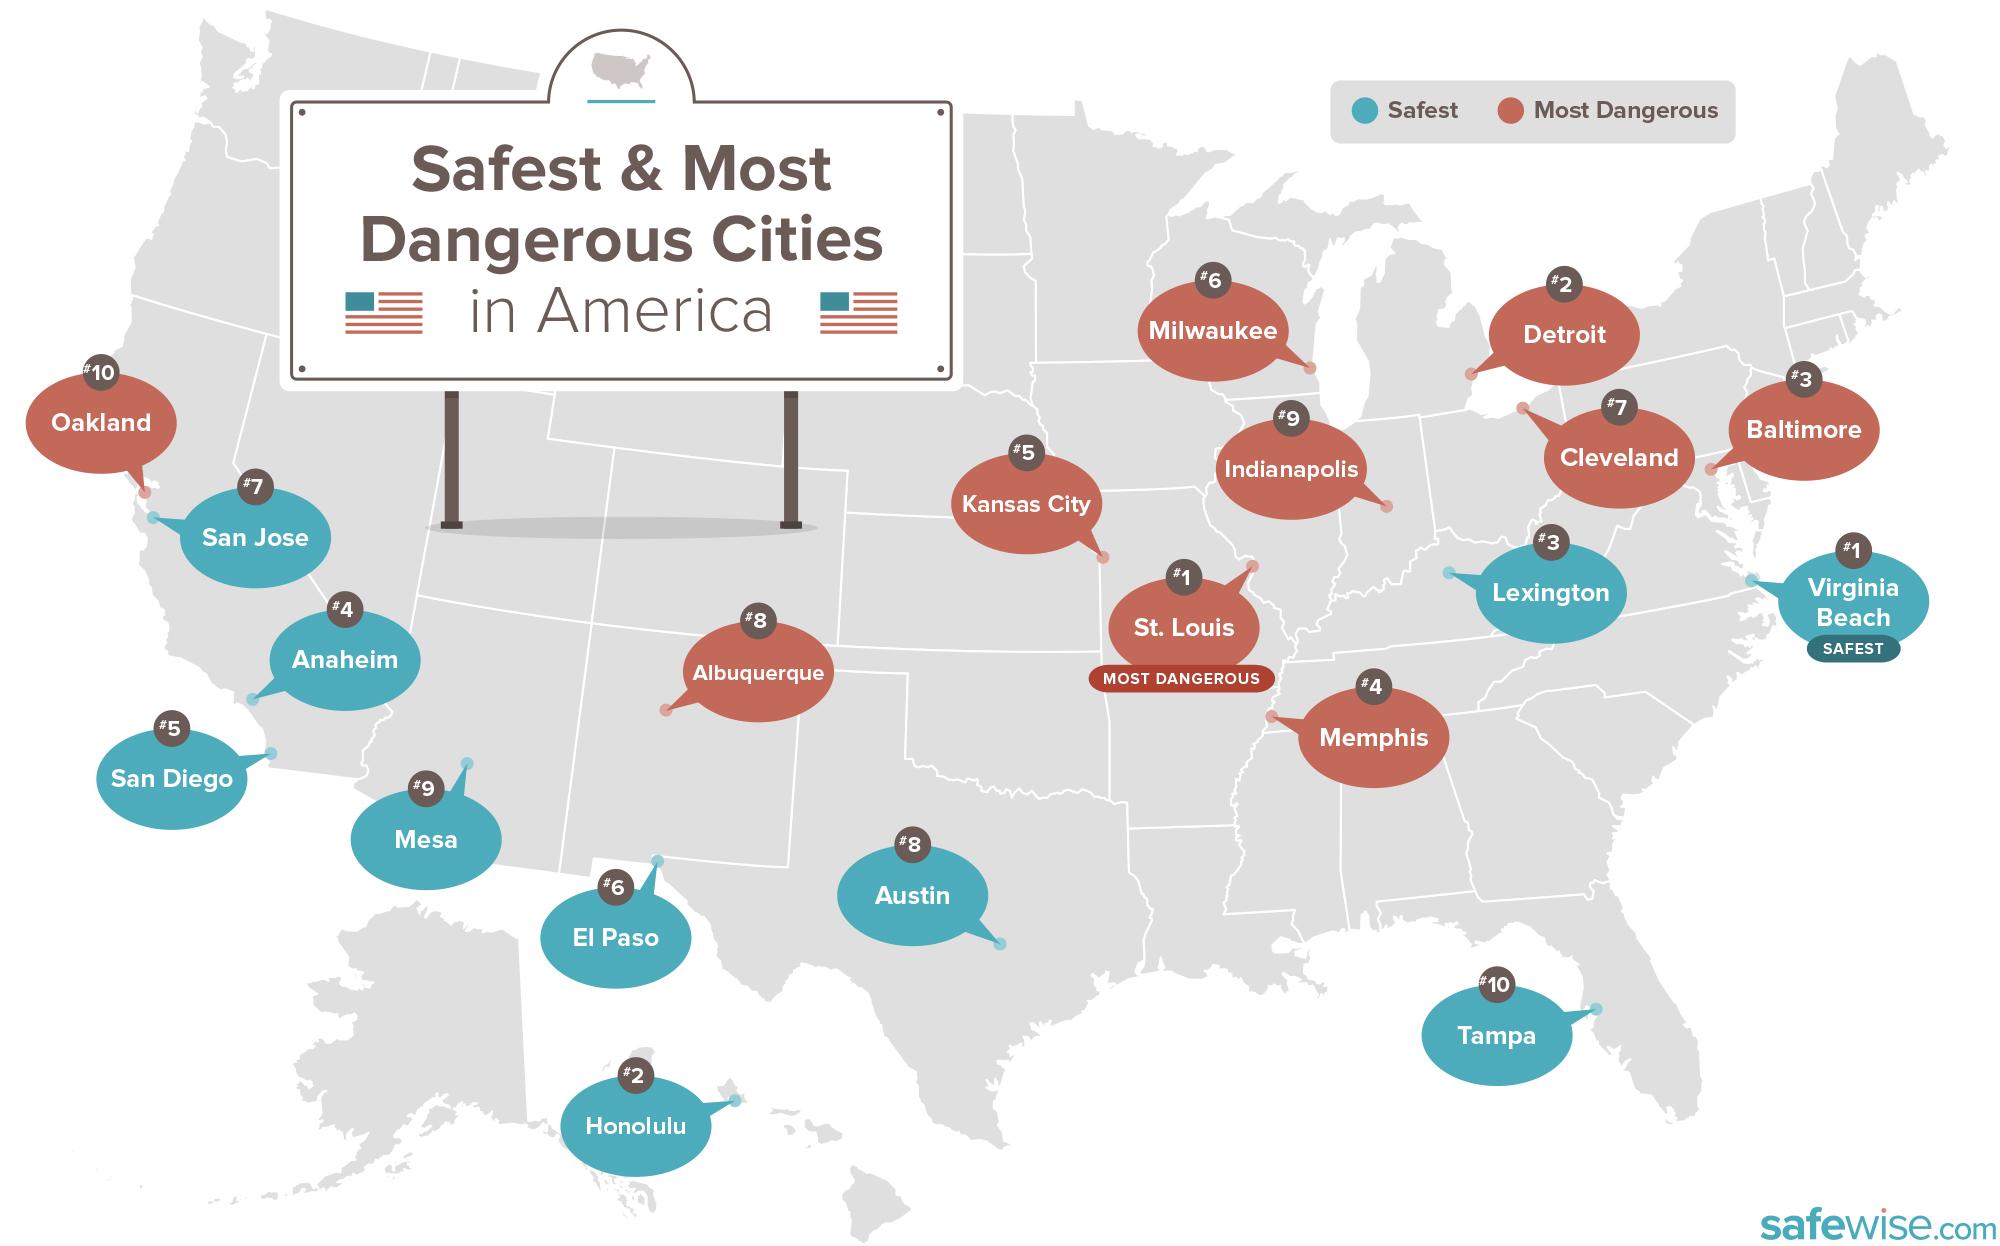 10 safest most dangerous